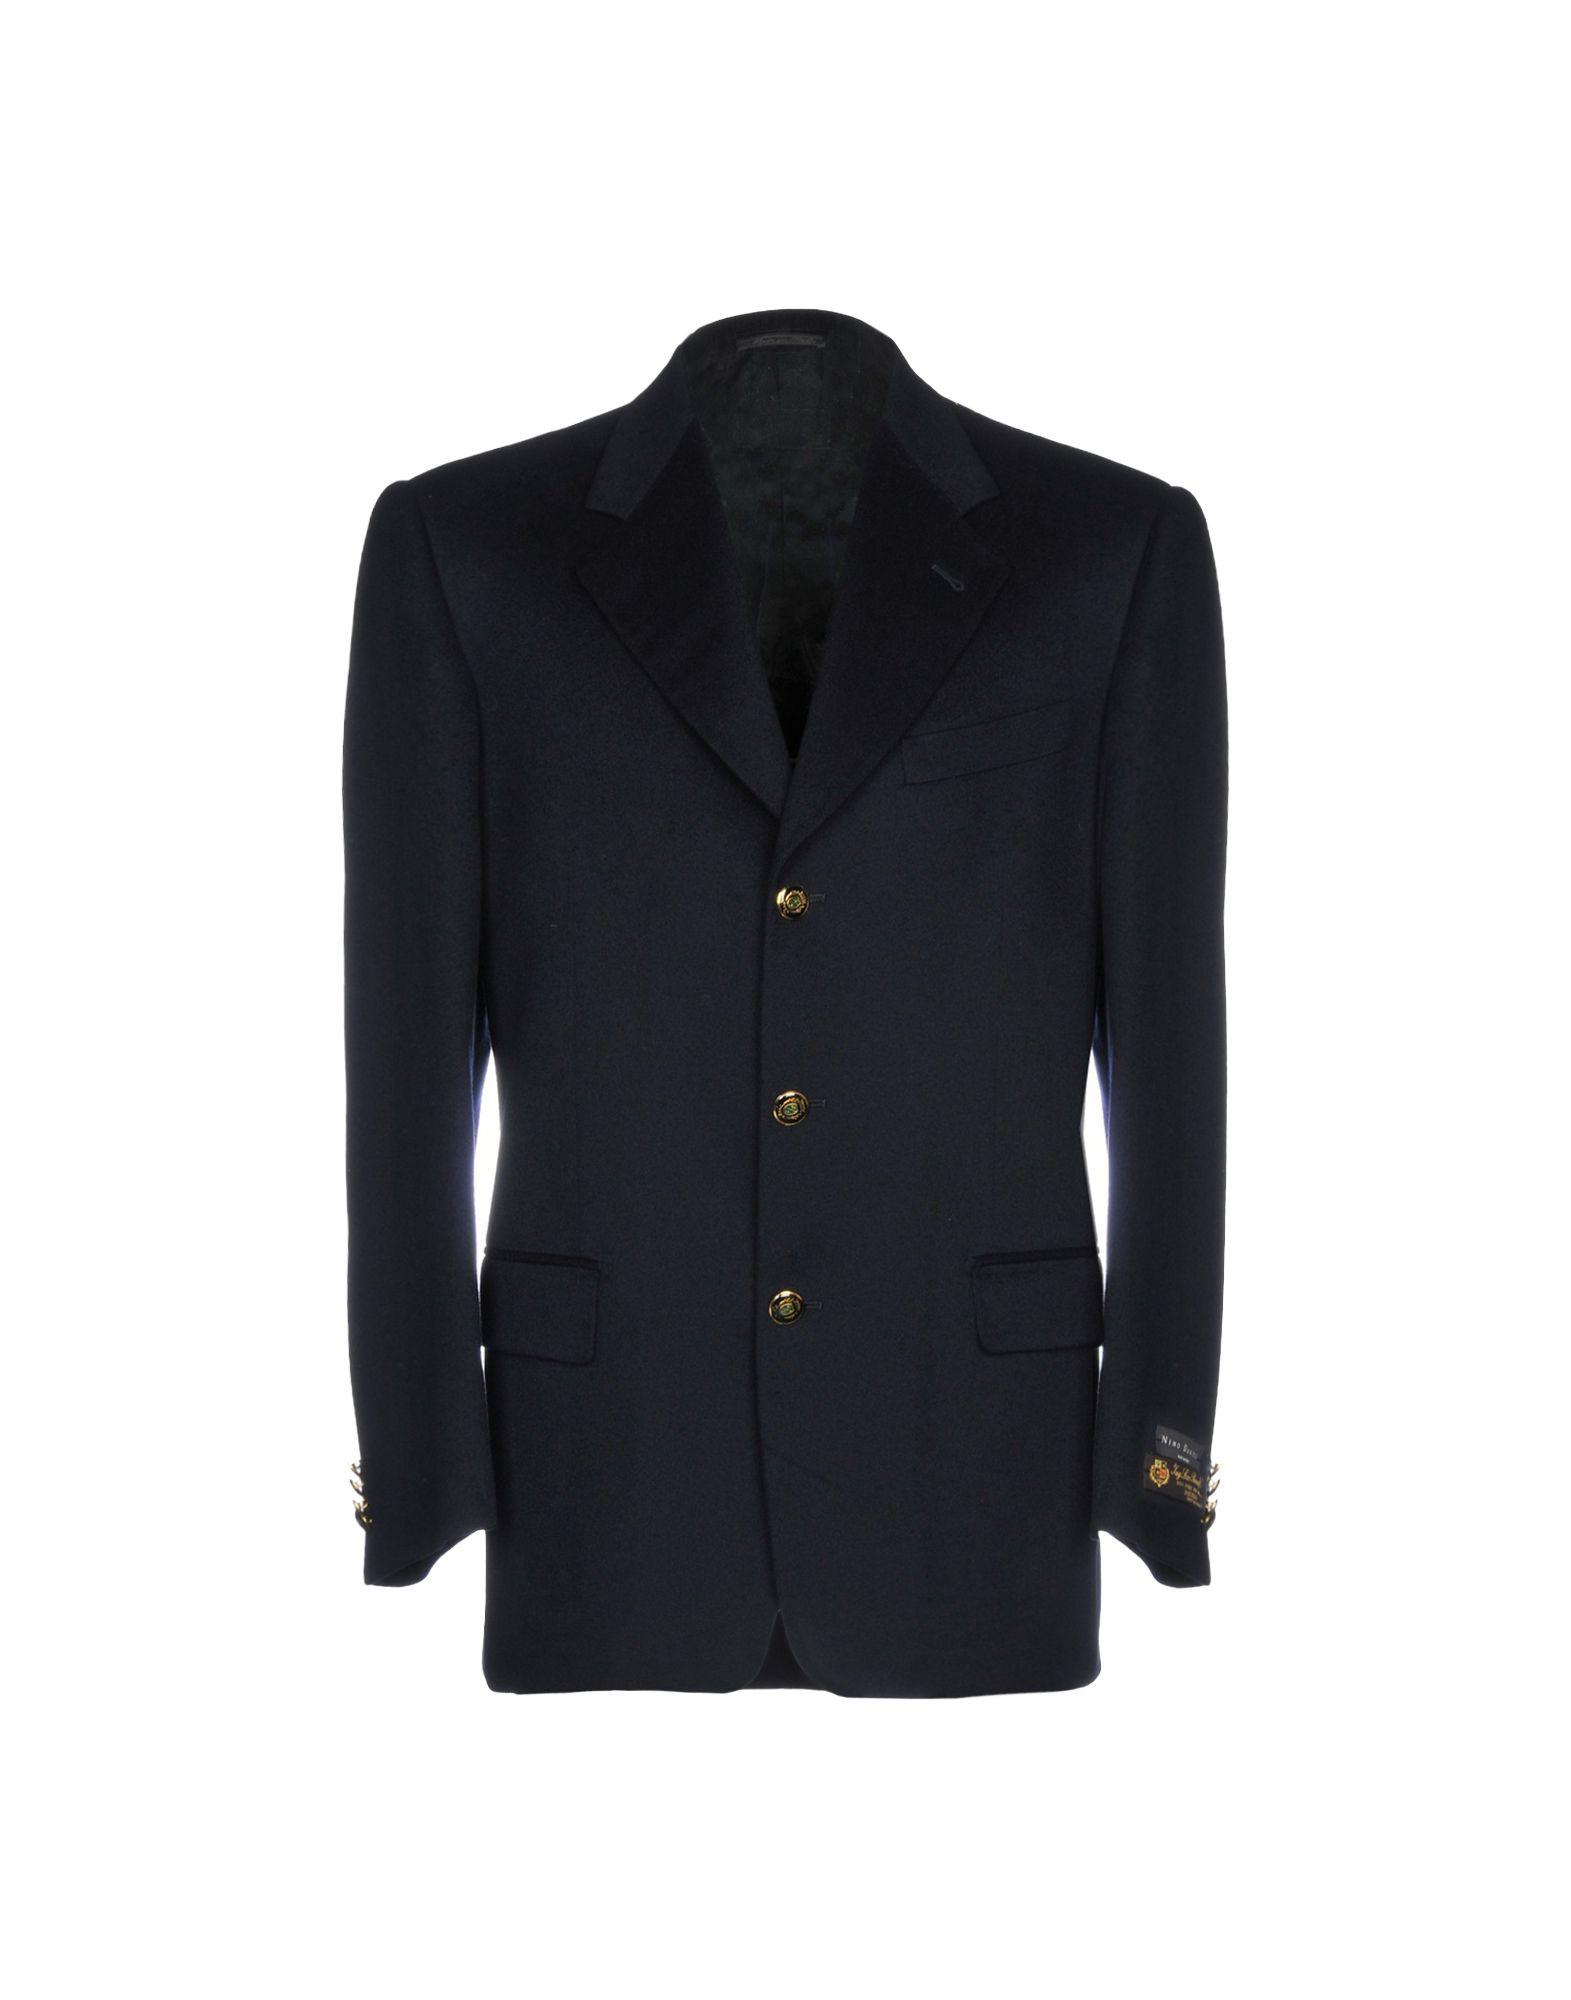 《送料無料》NINO DANIELI メンズ テーラードジャケット ダークブルー 48 バージンウール 100%